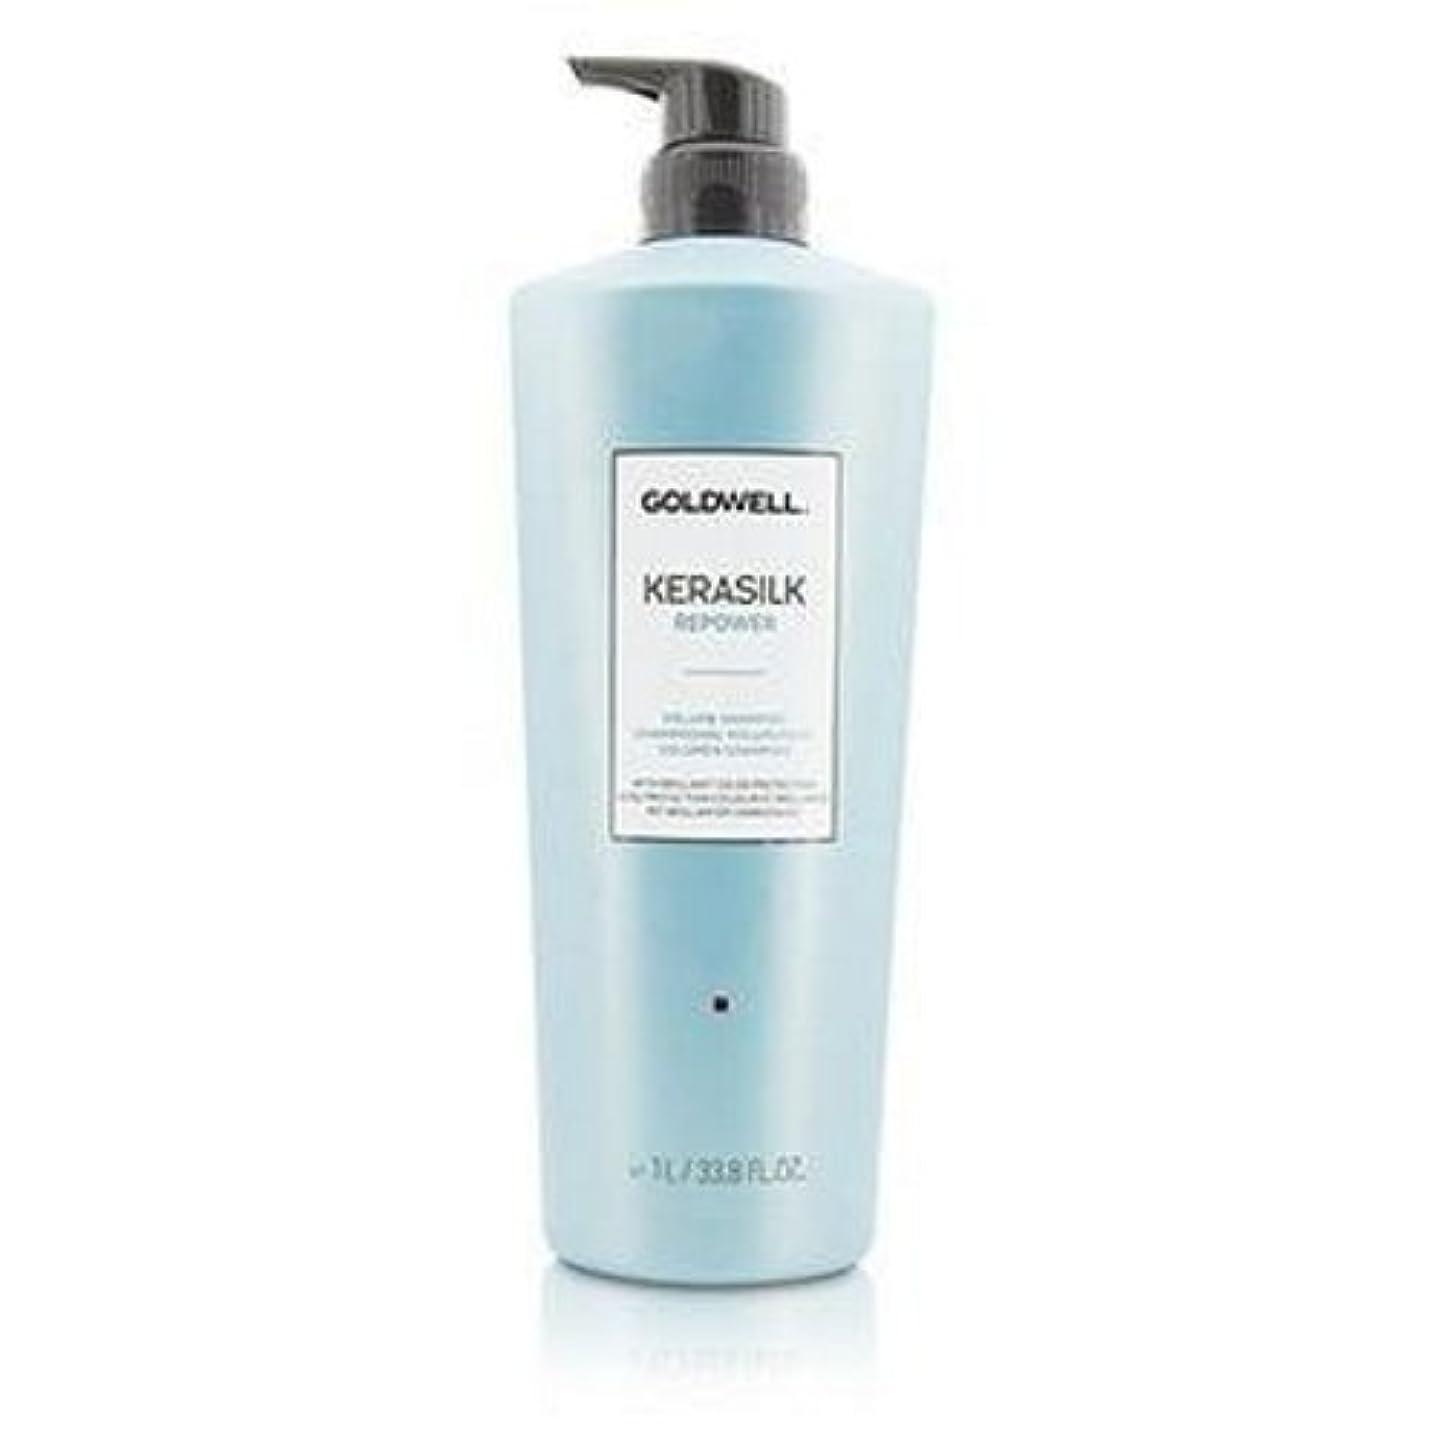 運河エミュレーション処分したゴールドウェル Kerasilk Repower Volume Shampoo (For Fine, Limp Hair) 1000ml